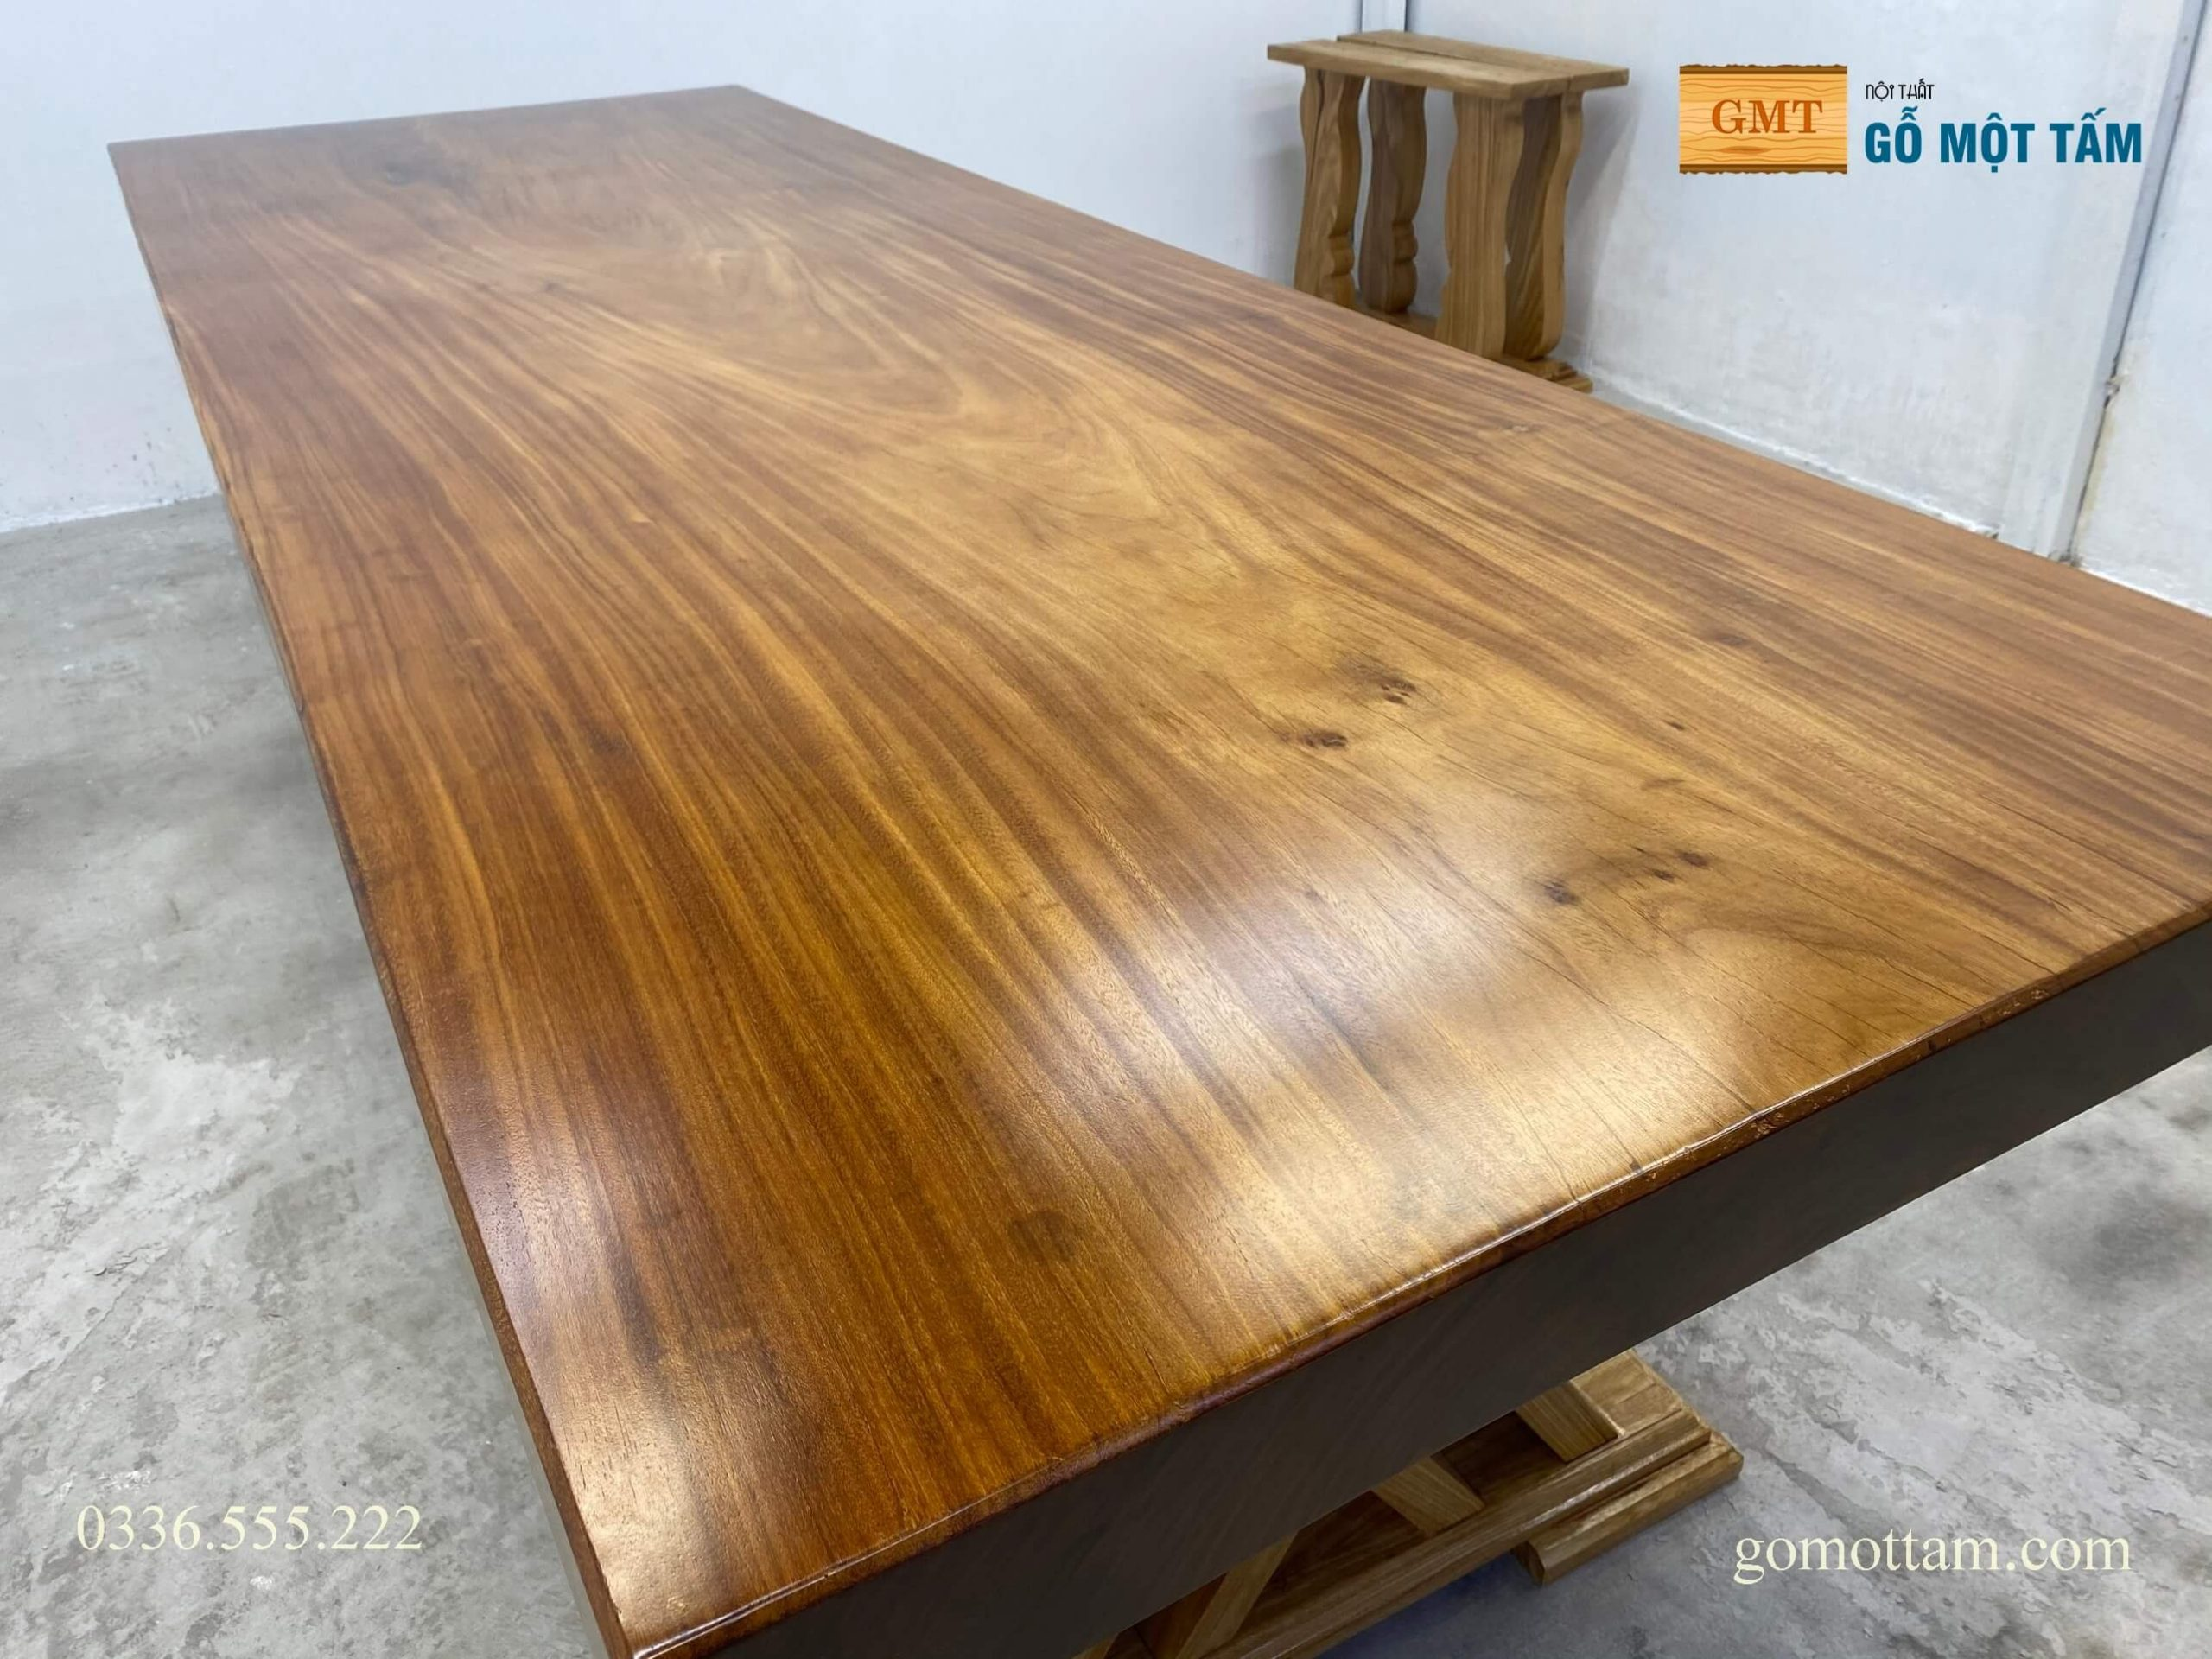 bàn họp gỗ nguyên tấm nguyên khối